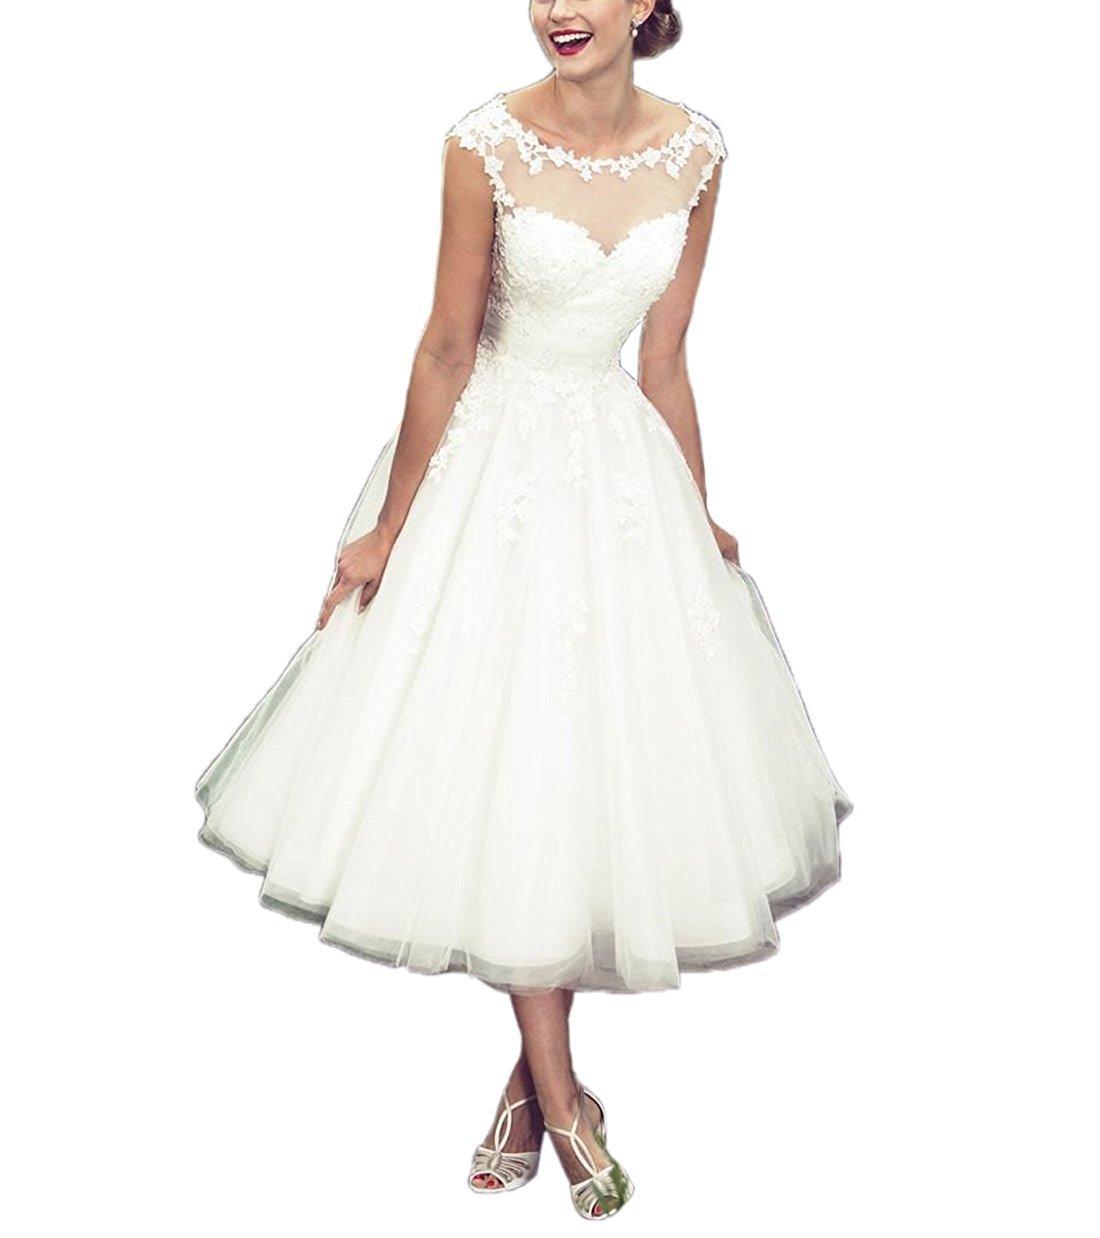 Women's Elegant Sheer Vintage Short Lace Wedding Dress For Bride 0